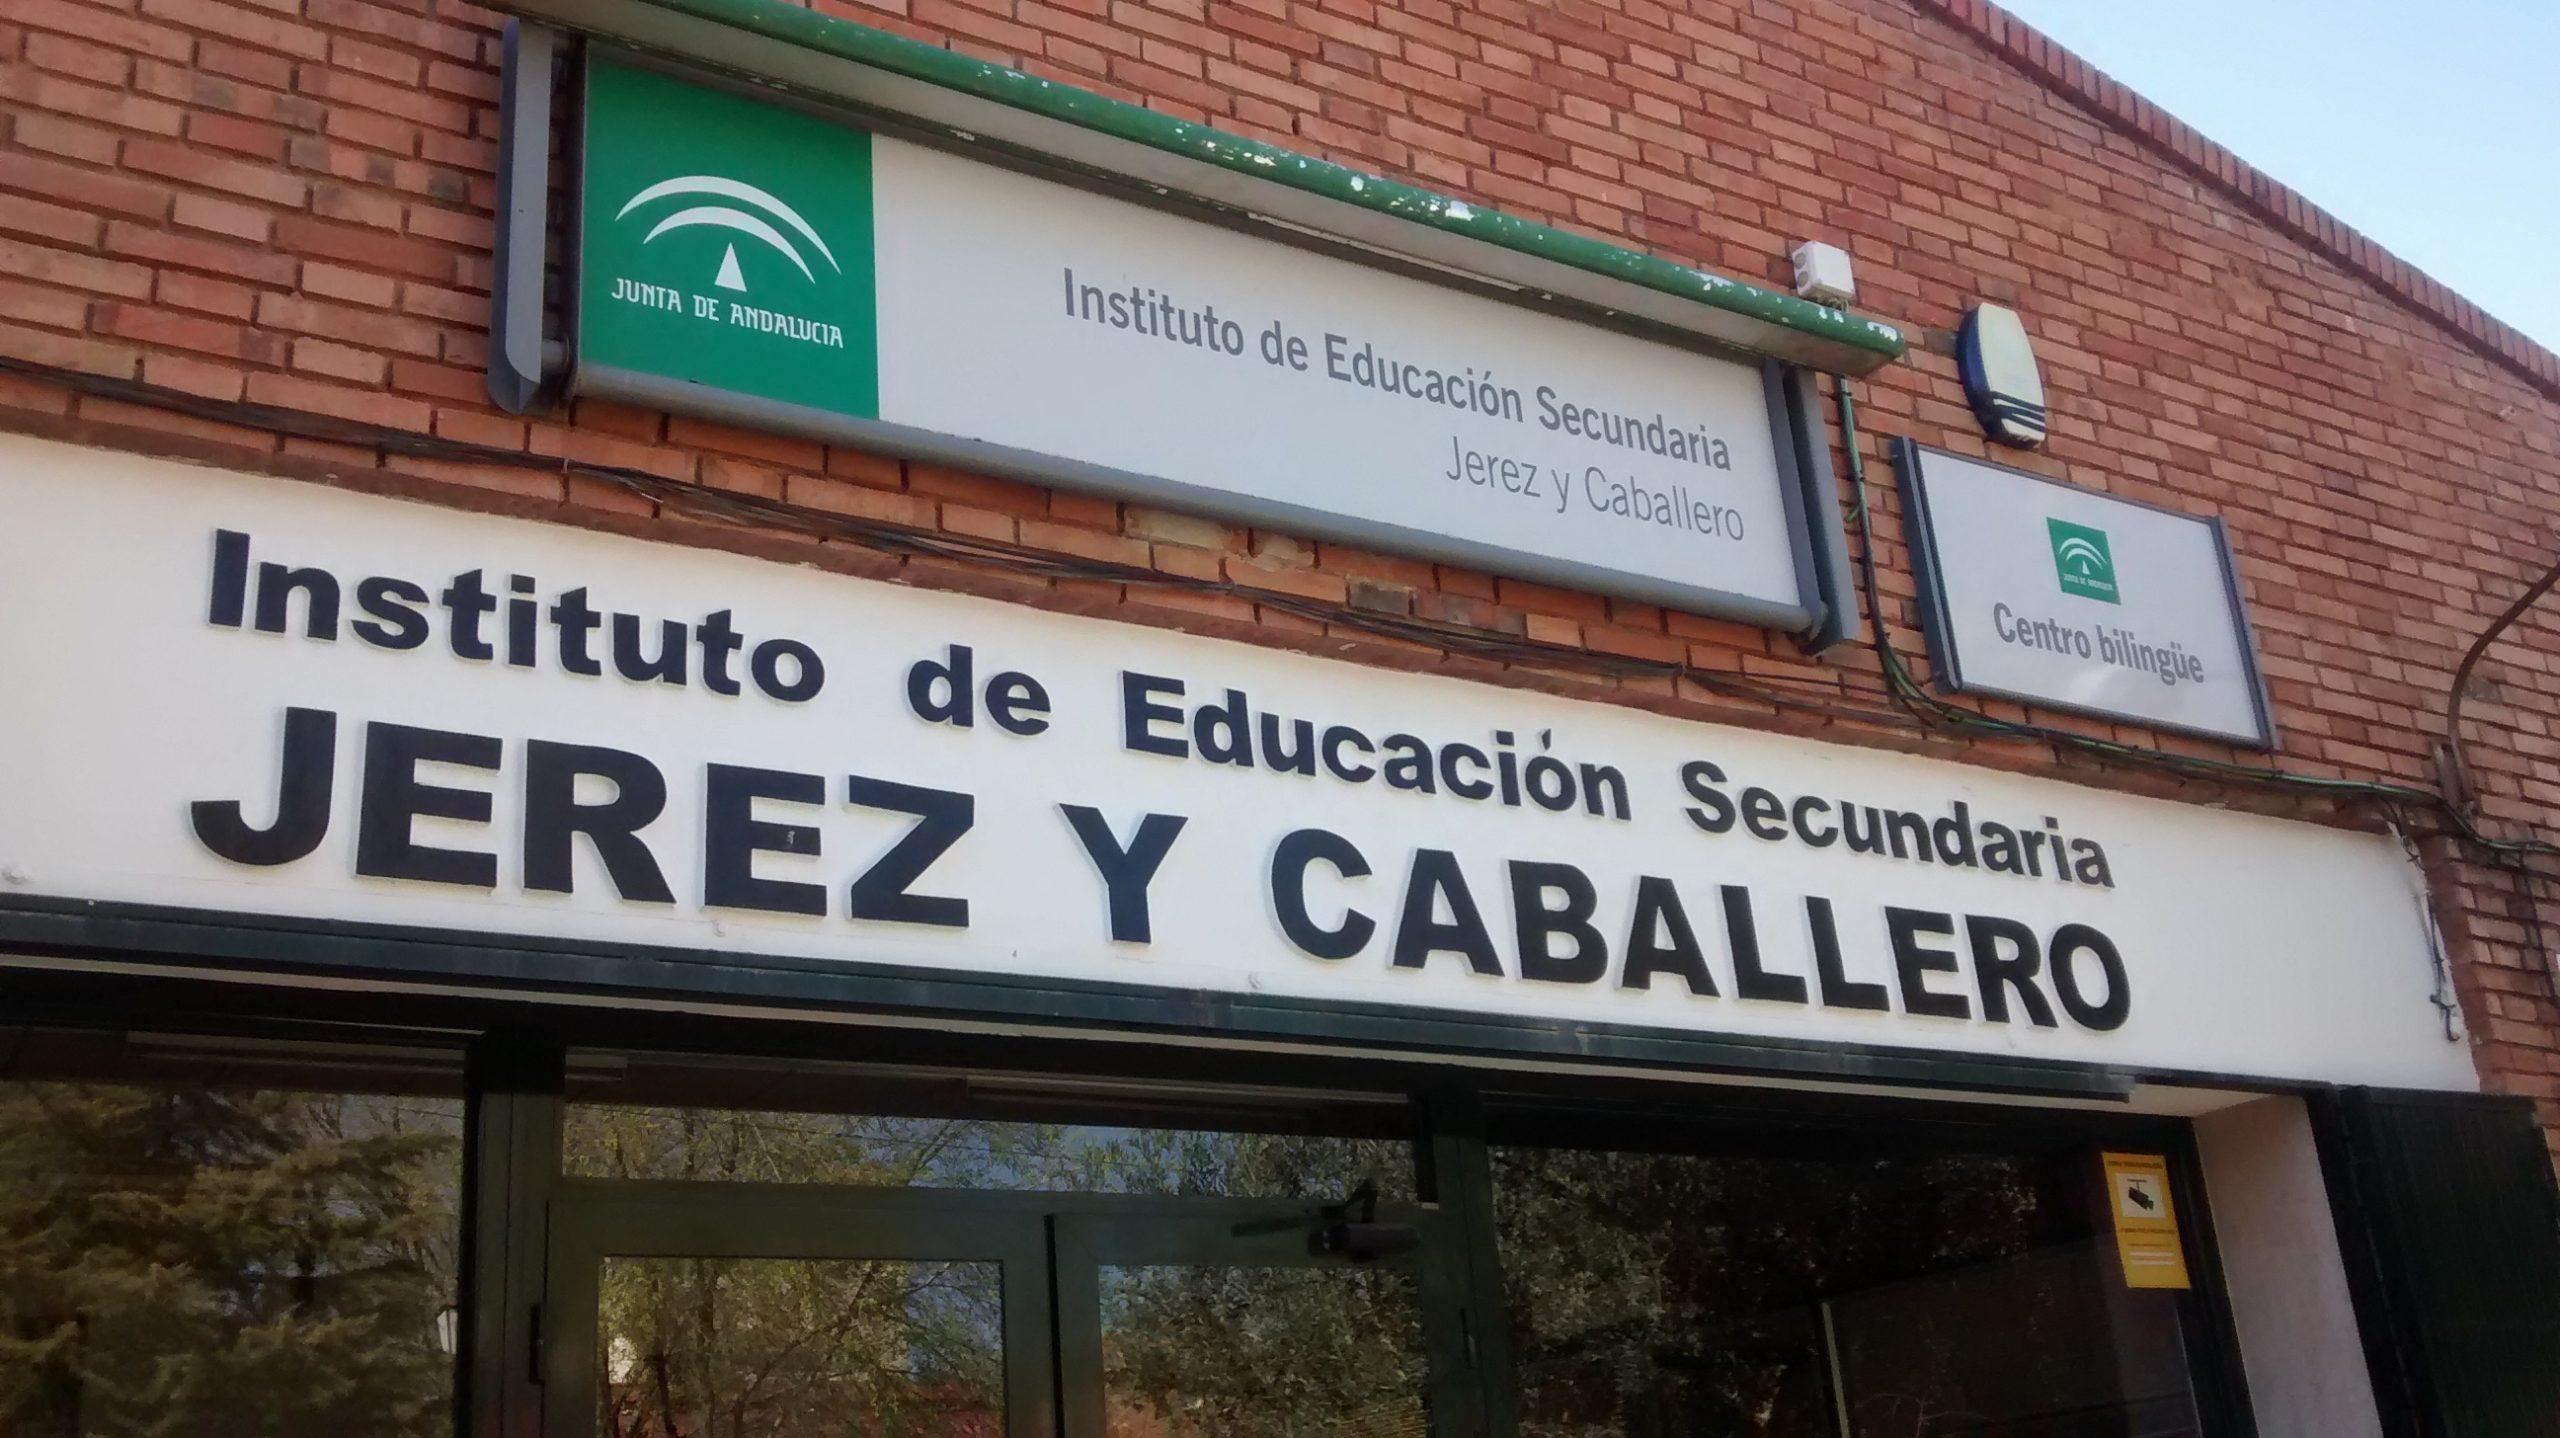 Reunión con los alumnos IES Jerez y Caballero. Hinojosa del Duque. 11 de marzo de 2015